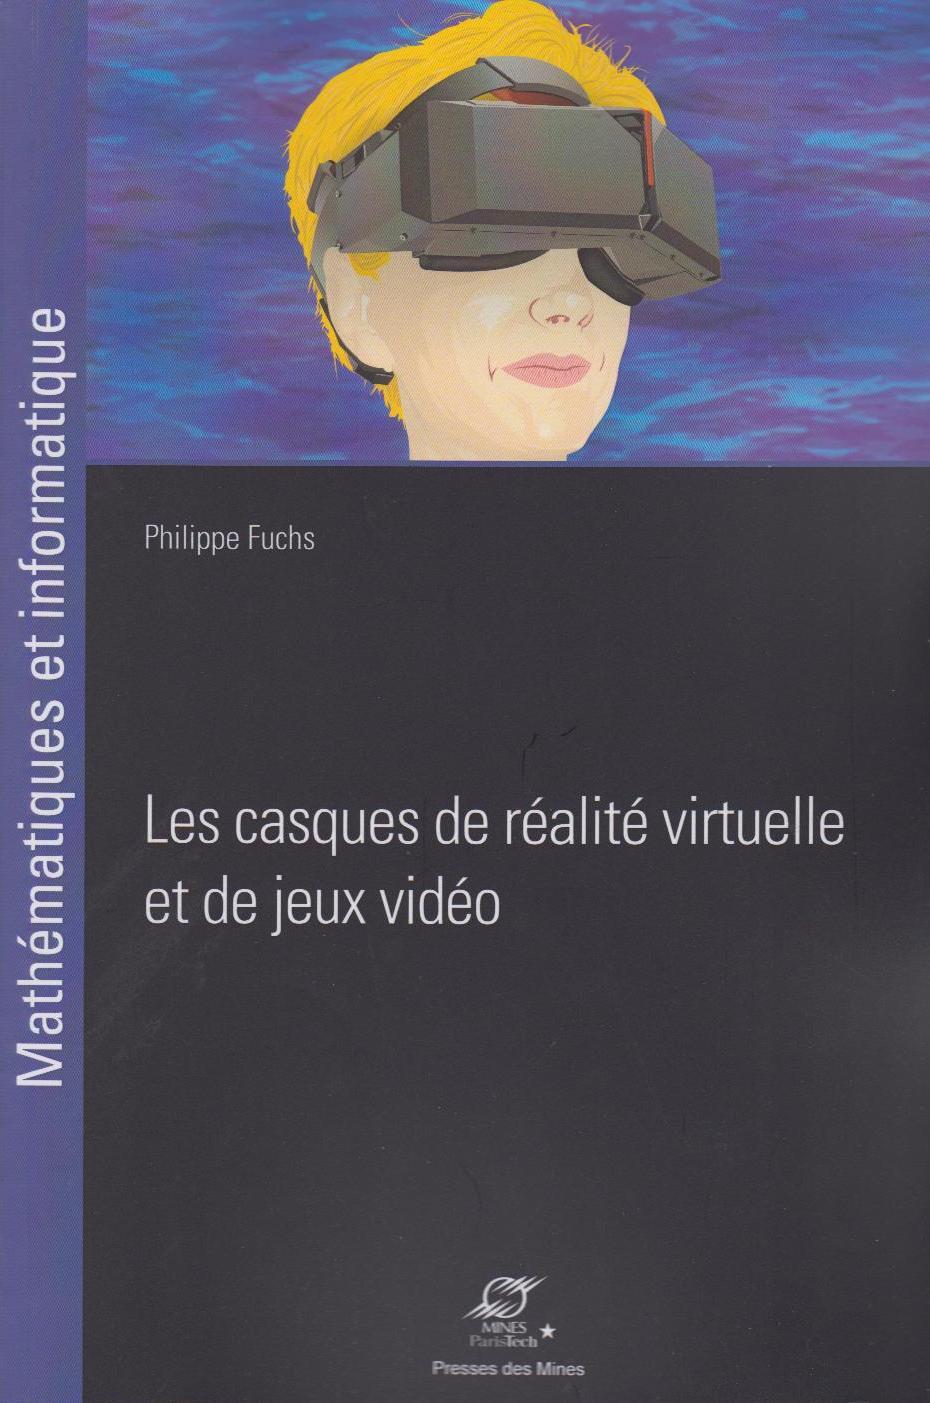 Les casques de réalité virtuelle et de jeux vidéo